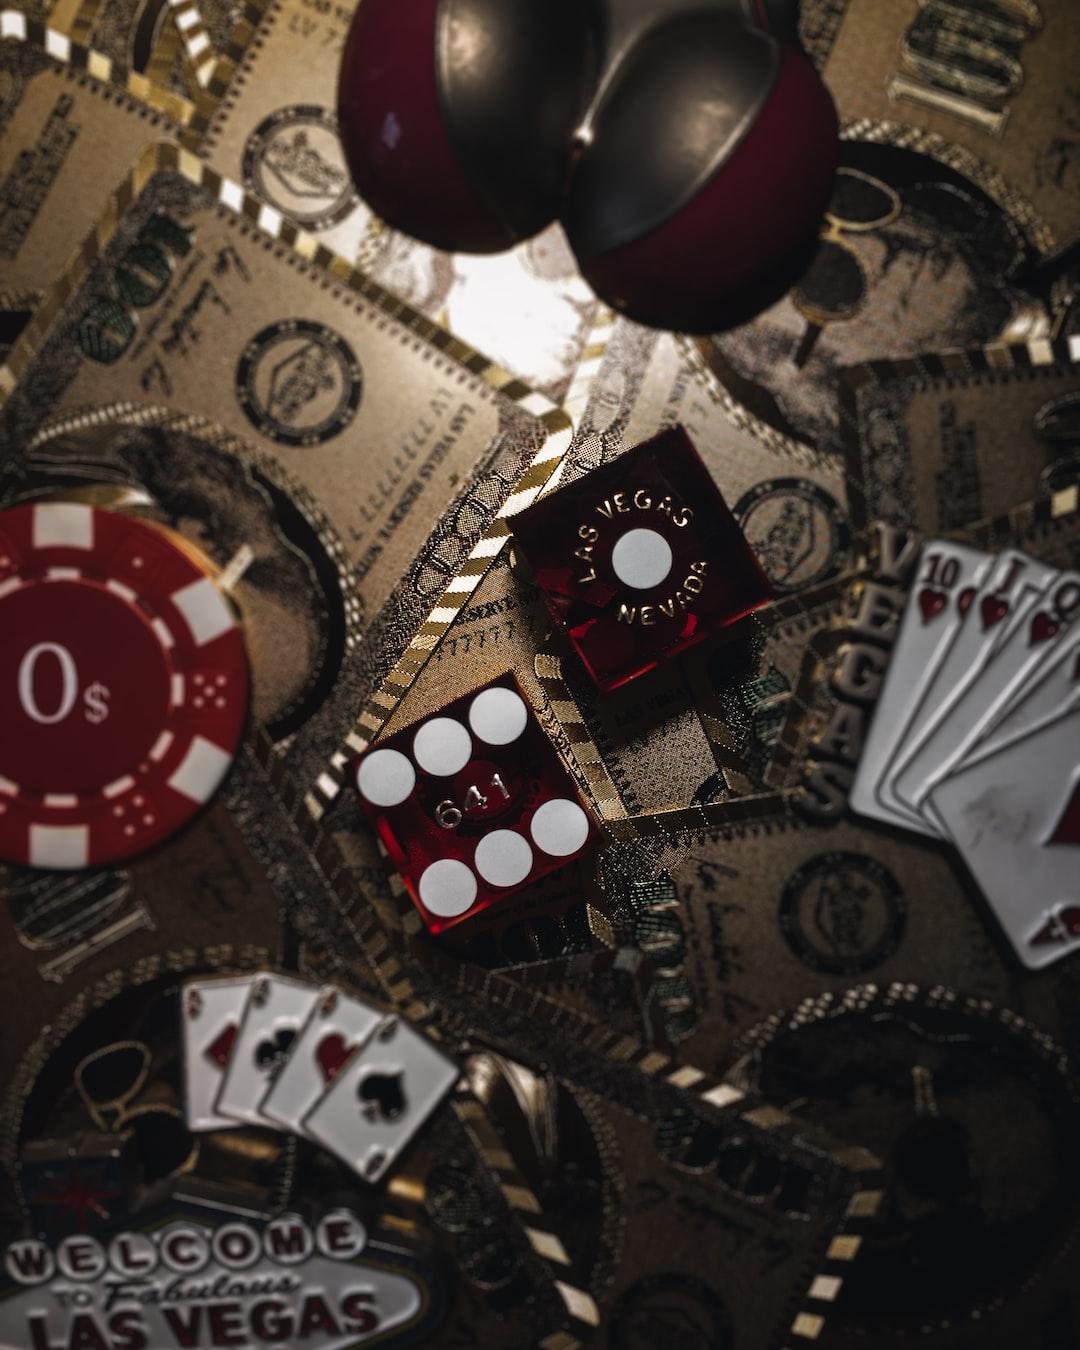 Problemy z blokowaniem dostępu stron hazardowych